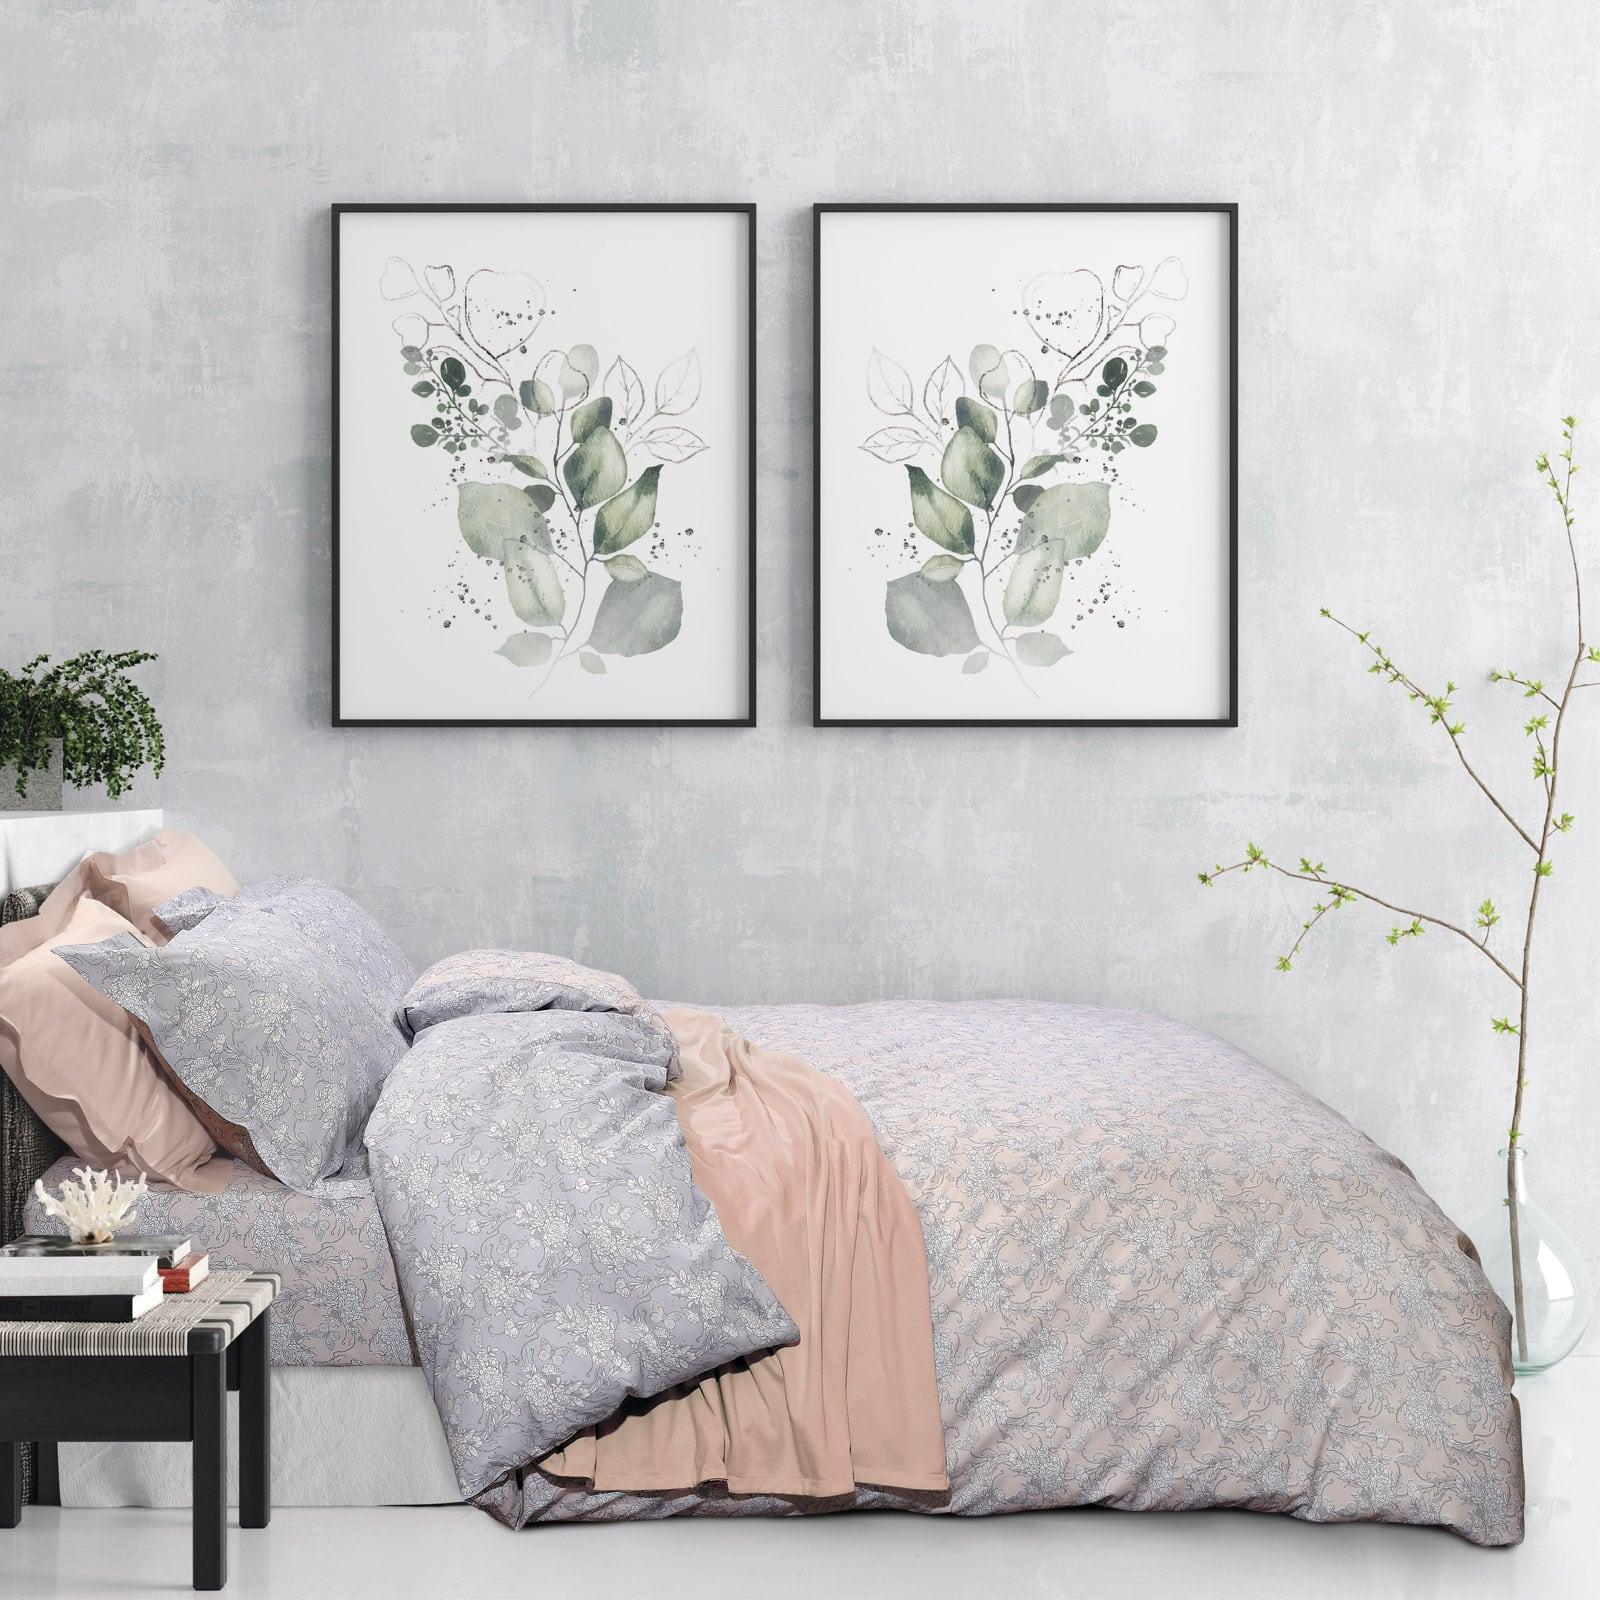 Σεντόνια Σετ 4τμχ 9478 Happy Grey-Nude Das Home King Size 260x280cm